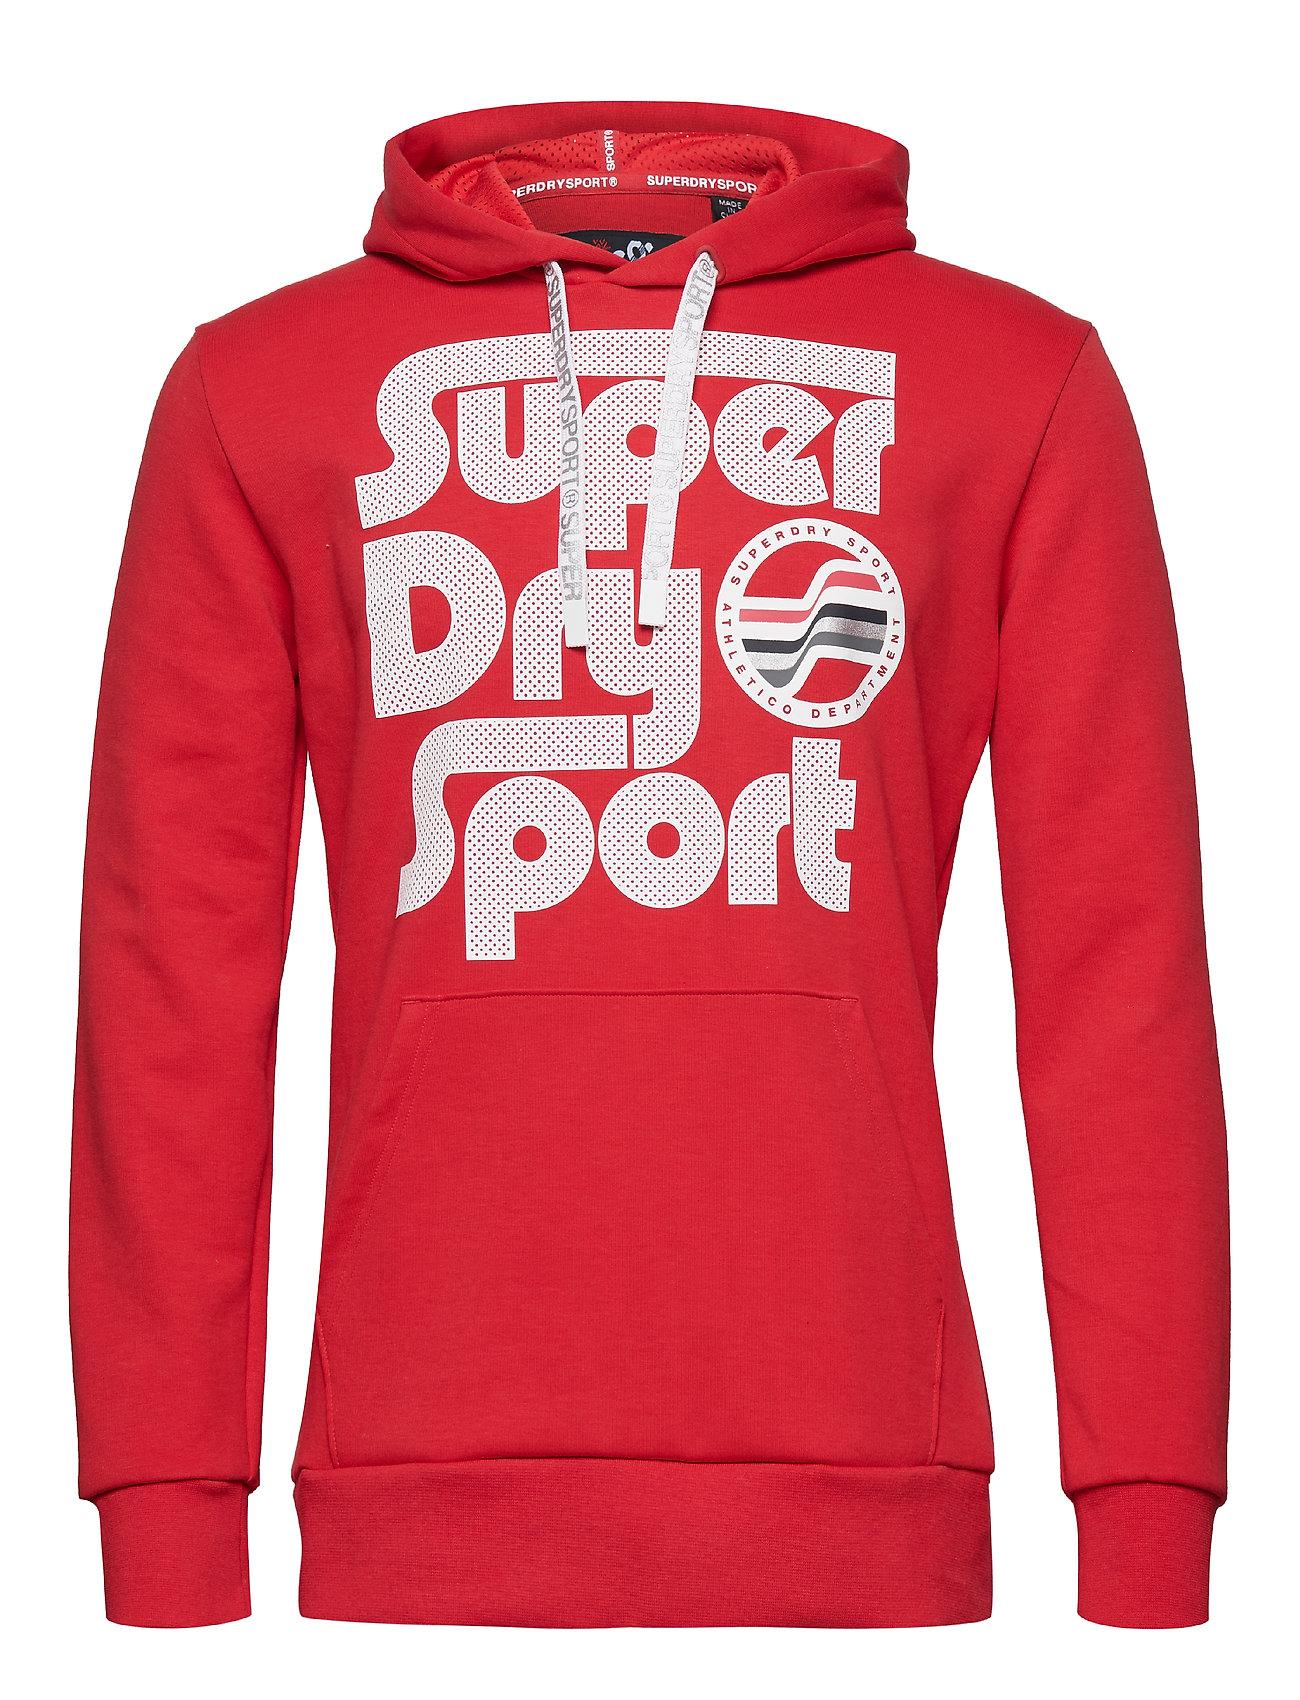 Superdry Sport SURF SPORT HOOD - RED